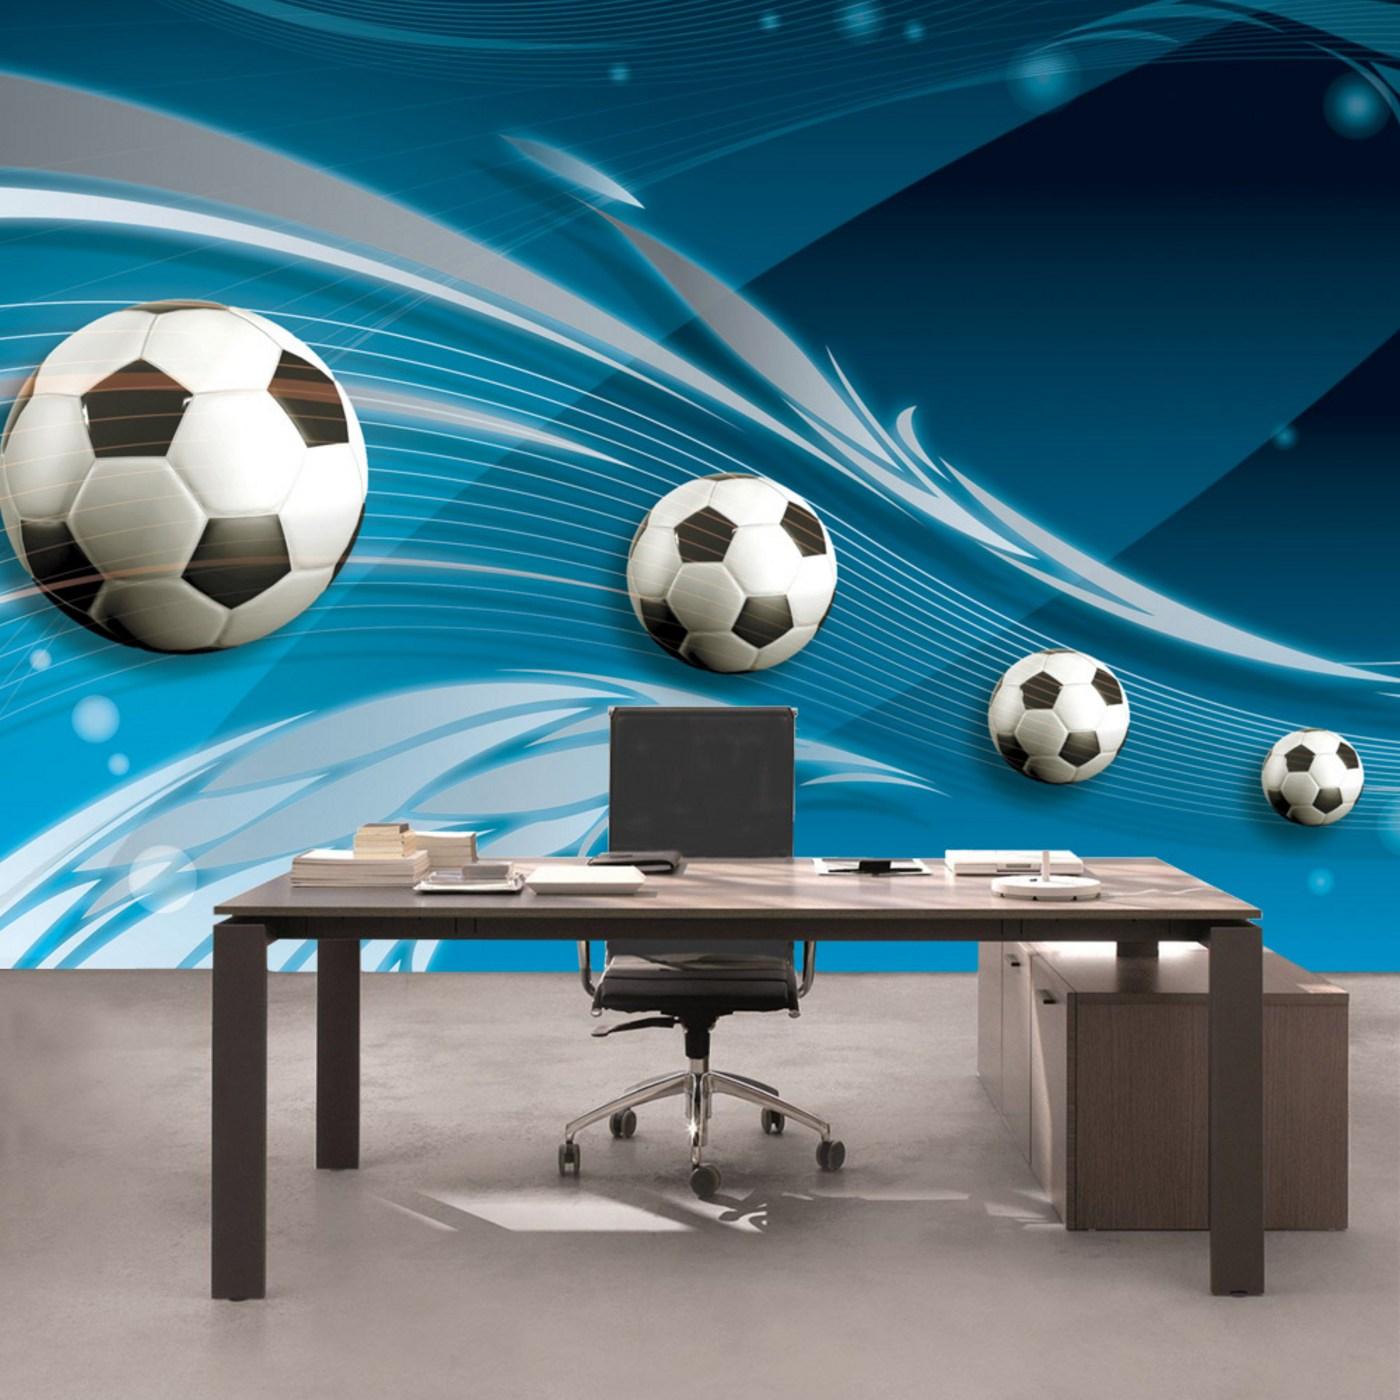 Vlies Fototapete  Fusball Tapete Ornamente Fusball Schlingen Kunst Blau